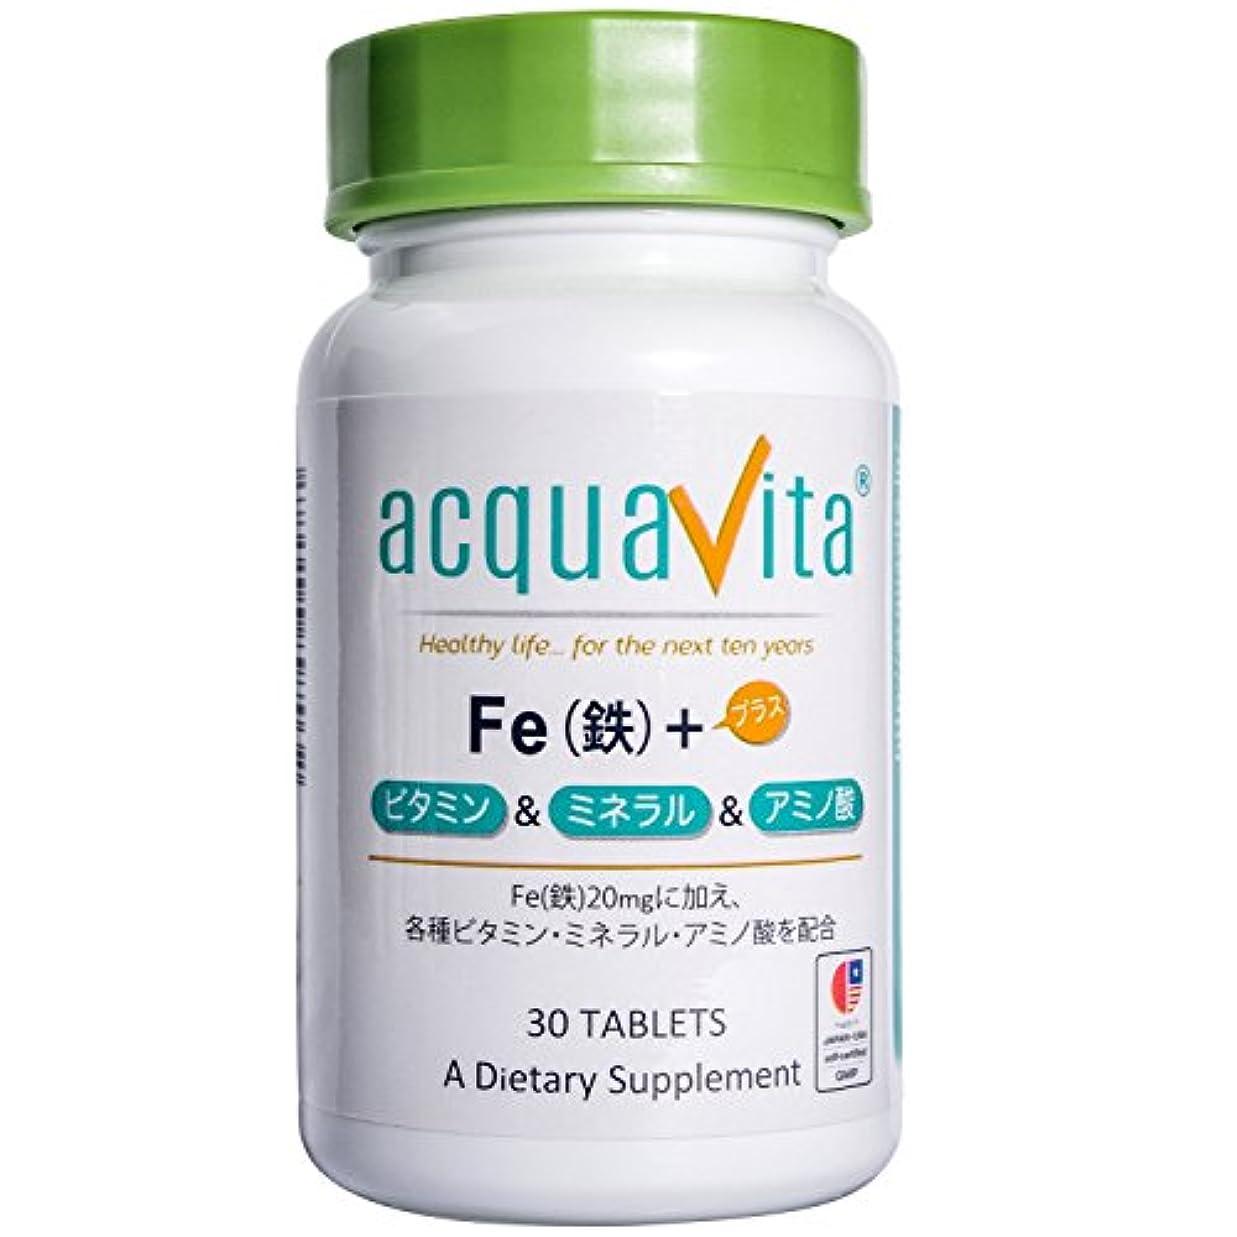 スピリチュアル絞る会社acquavita(アクアヴィータ) Fe(鉄)+ビタミン?ミネラル?アミノ酸 30粒